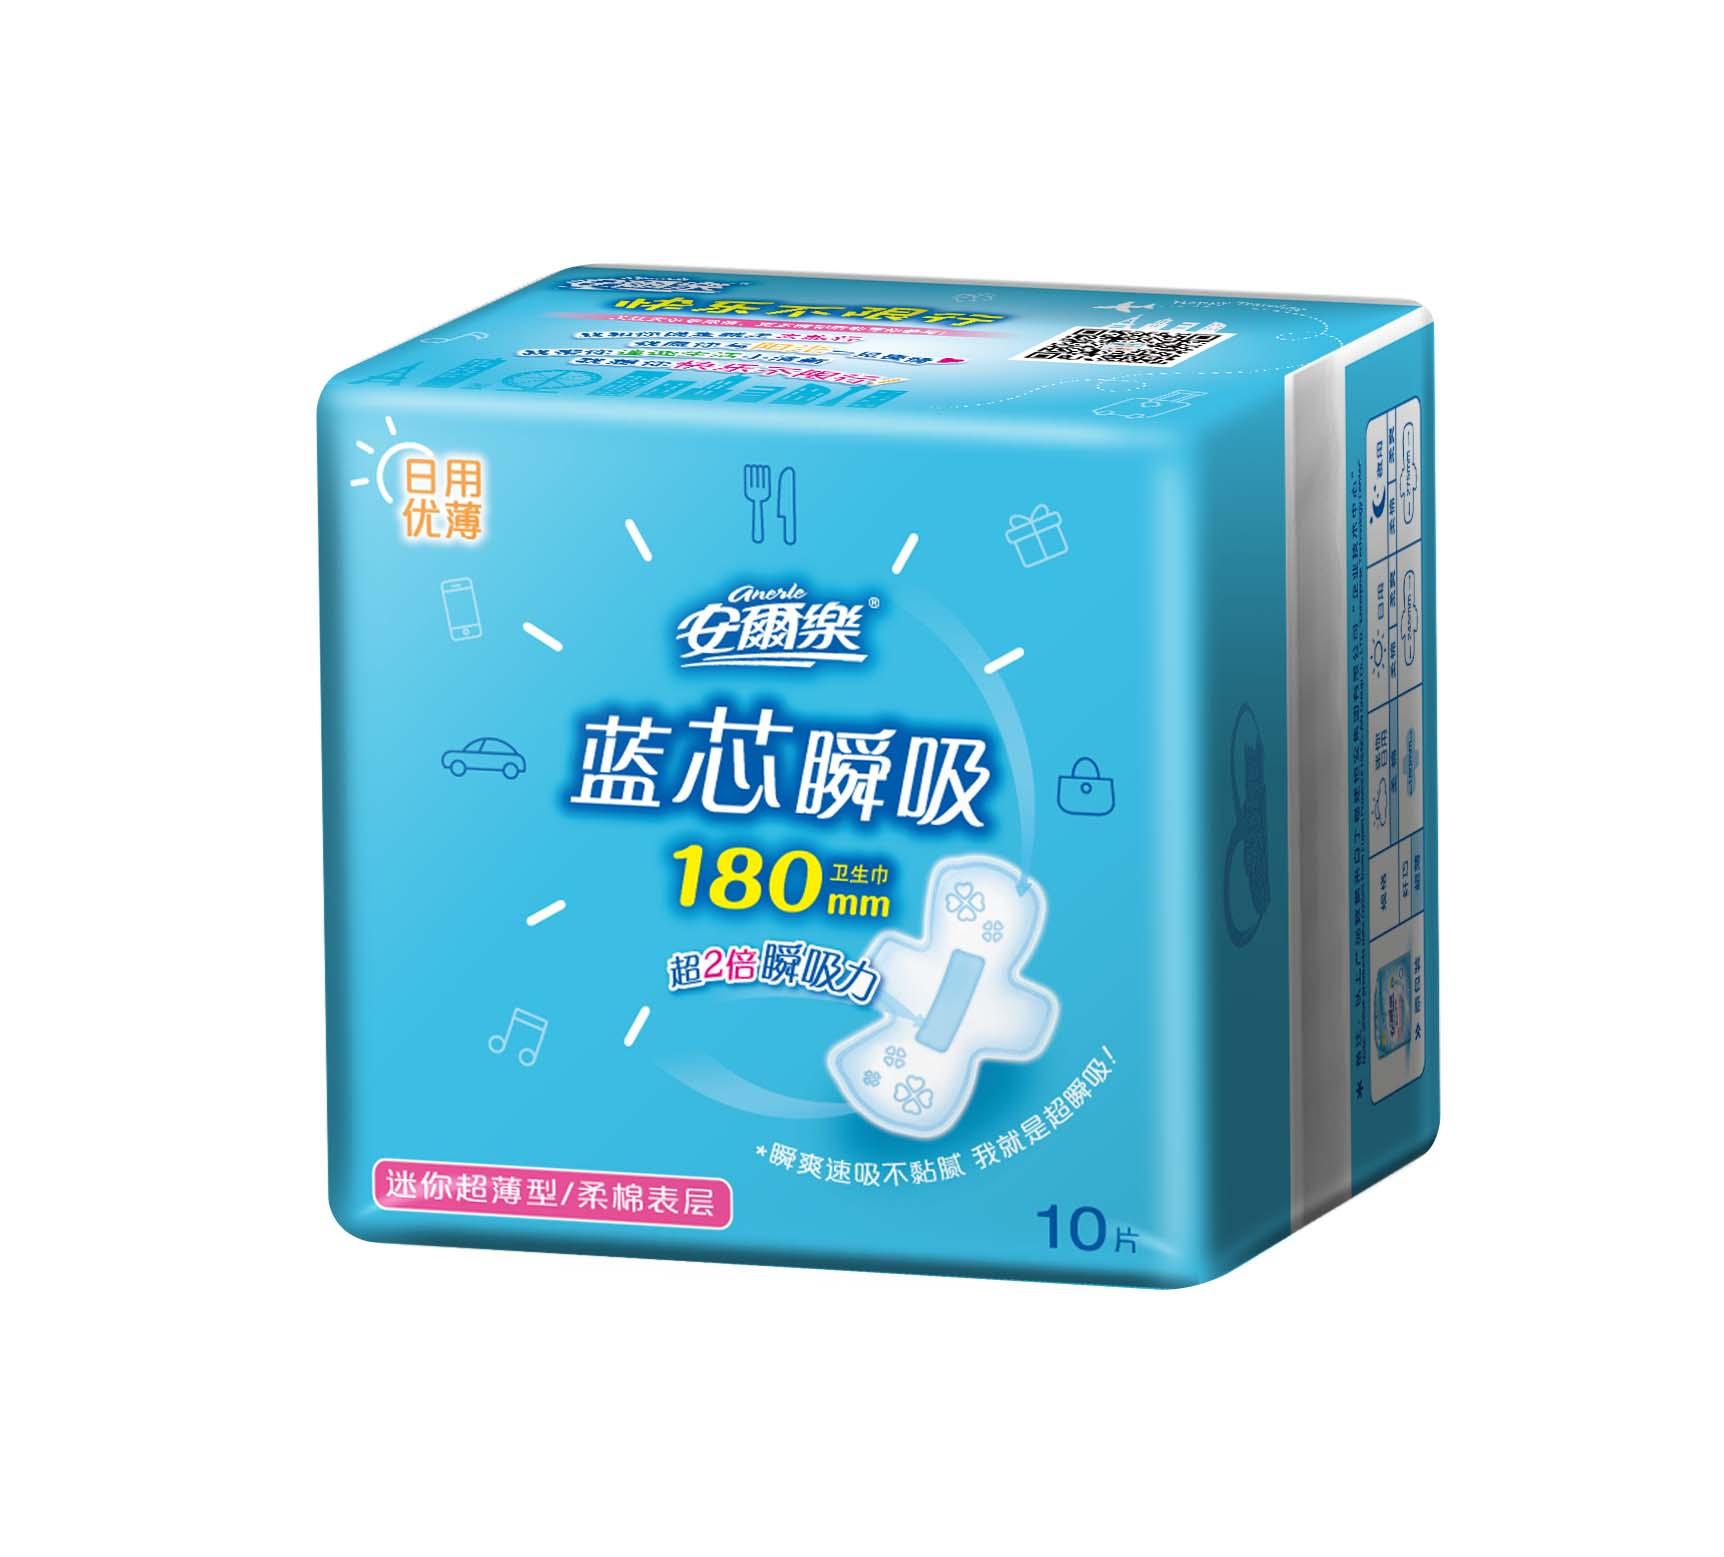 安尔乐卫生巾蓝芯瞬吸迷你超薄柔棉180mm量少用透气姨妈巾棉表层